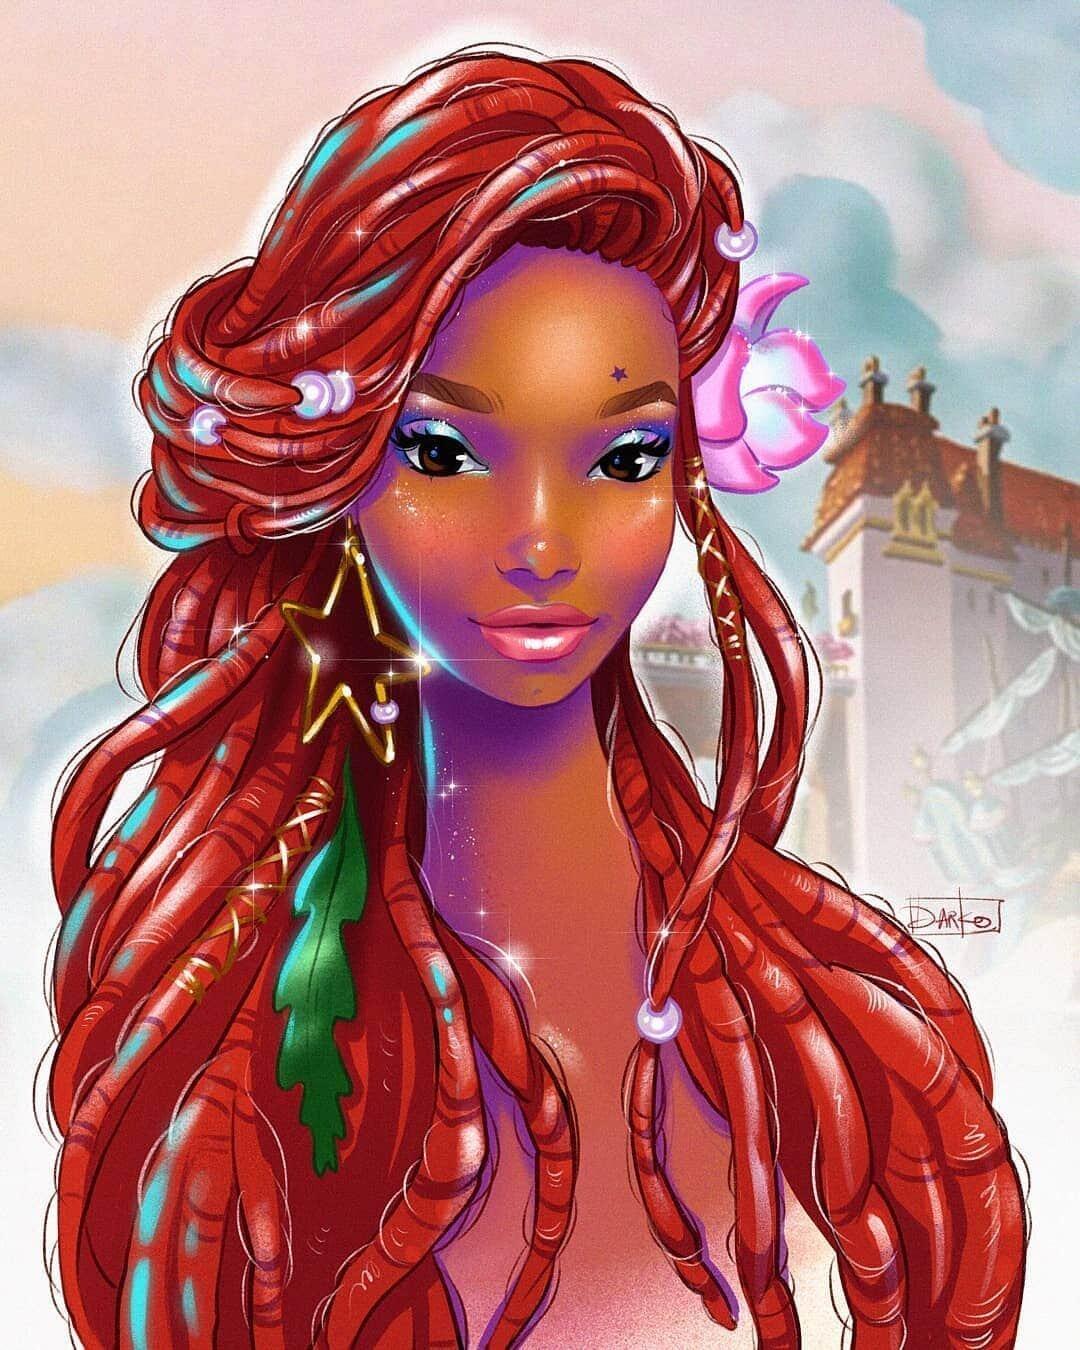 Художники со всего мира представили, как будет выглядеть темнокожая русалочка Ариэль в новом фильме